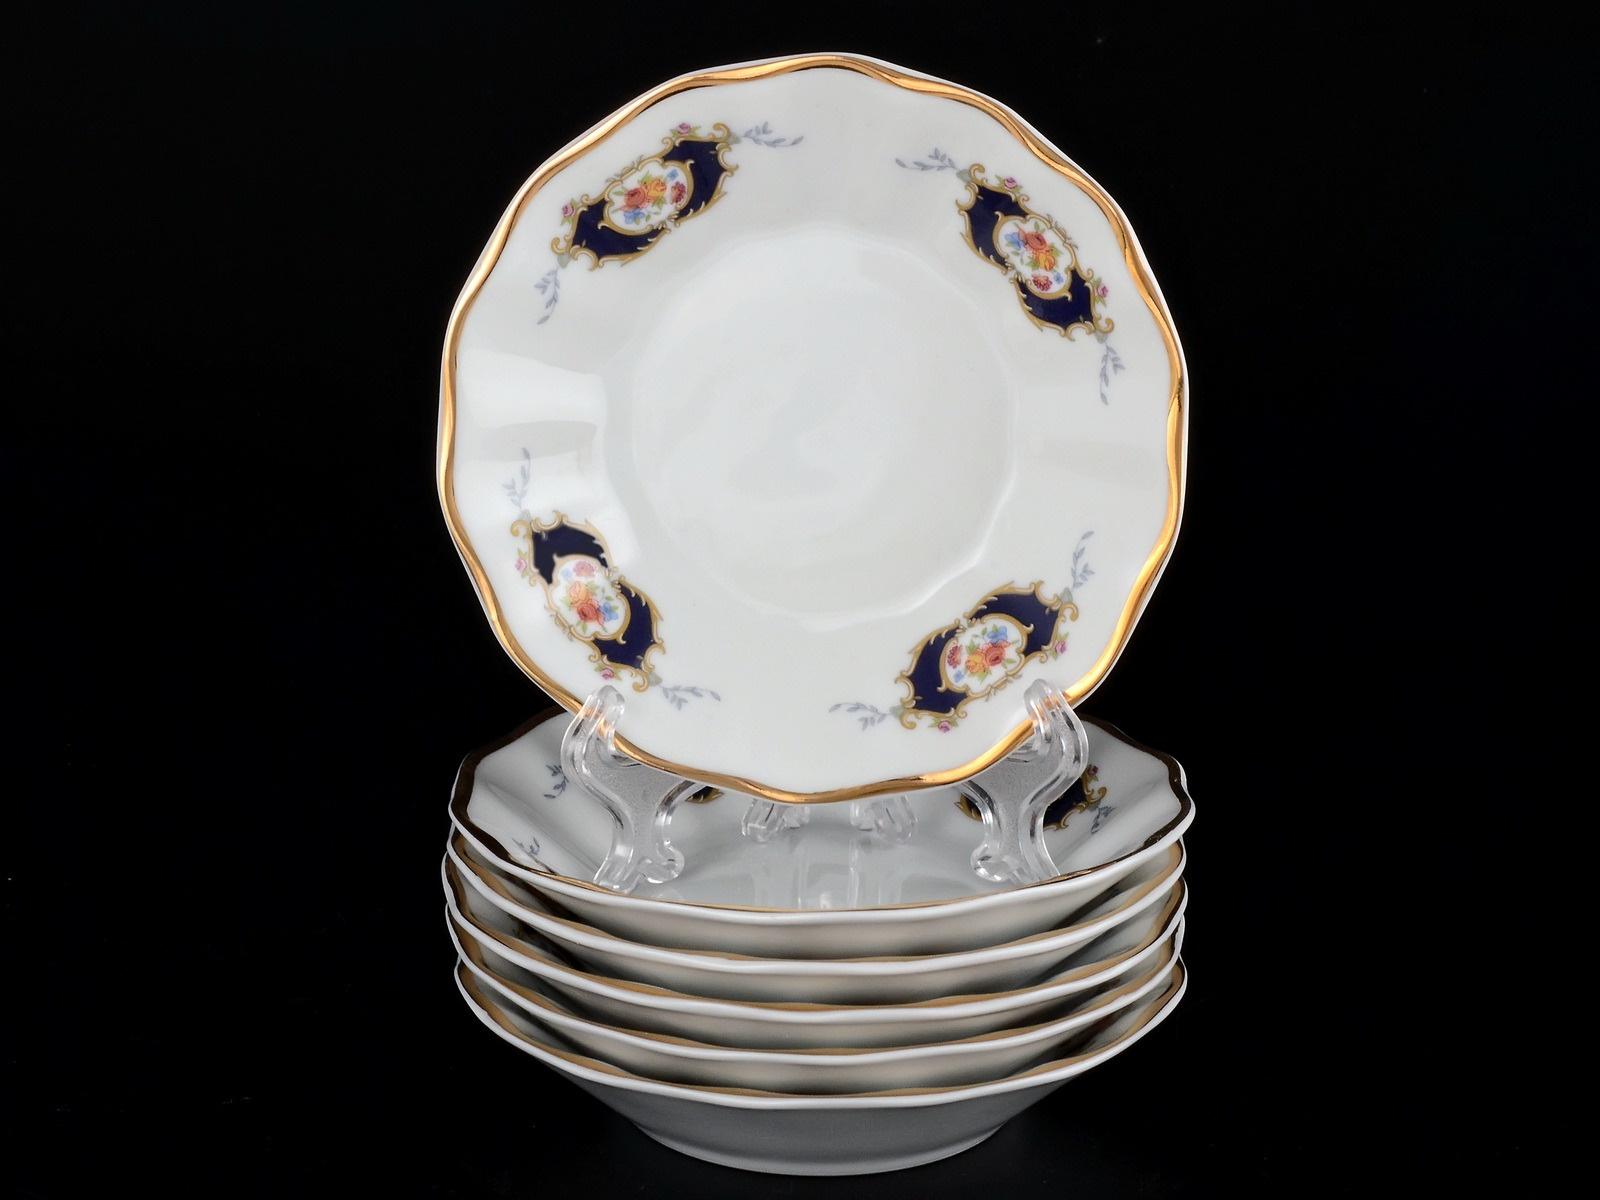 Набор салатников Bernadotte, 07061, белый, синий, 13 см, 6 шт